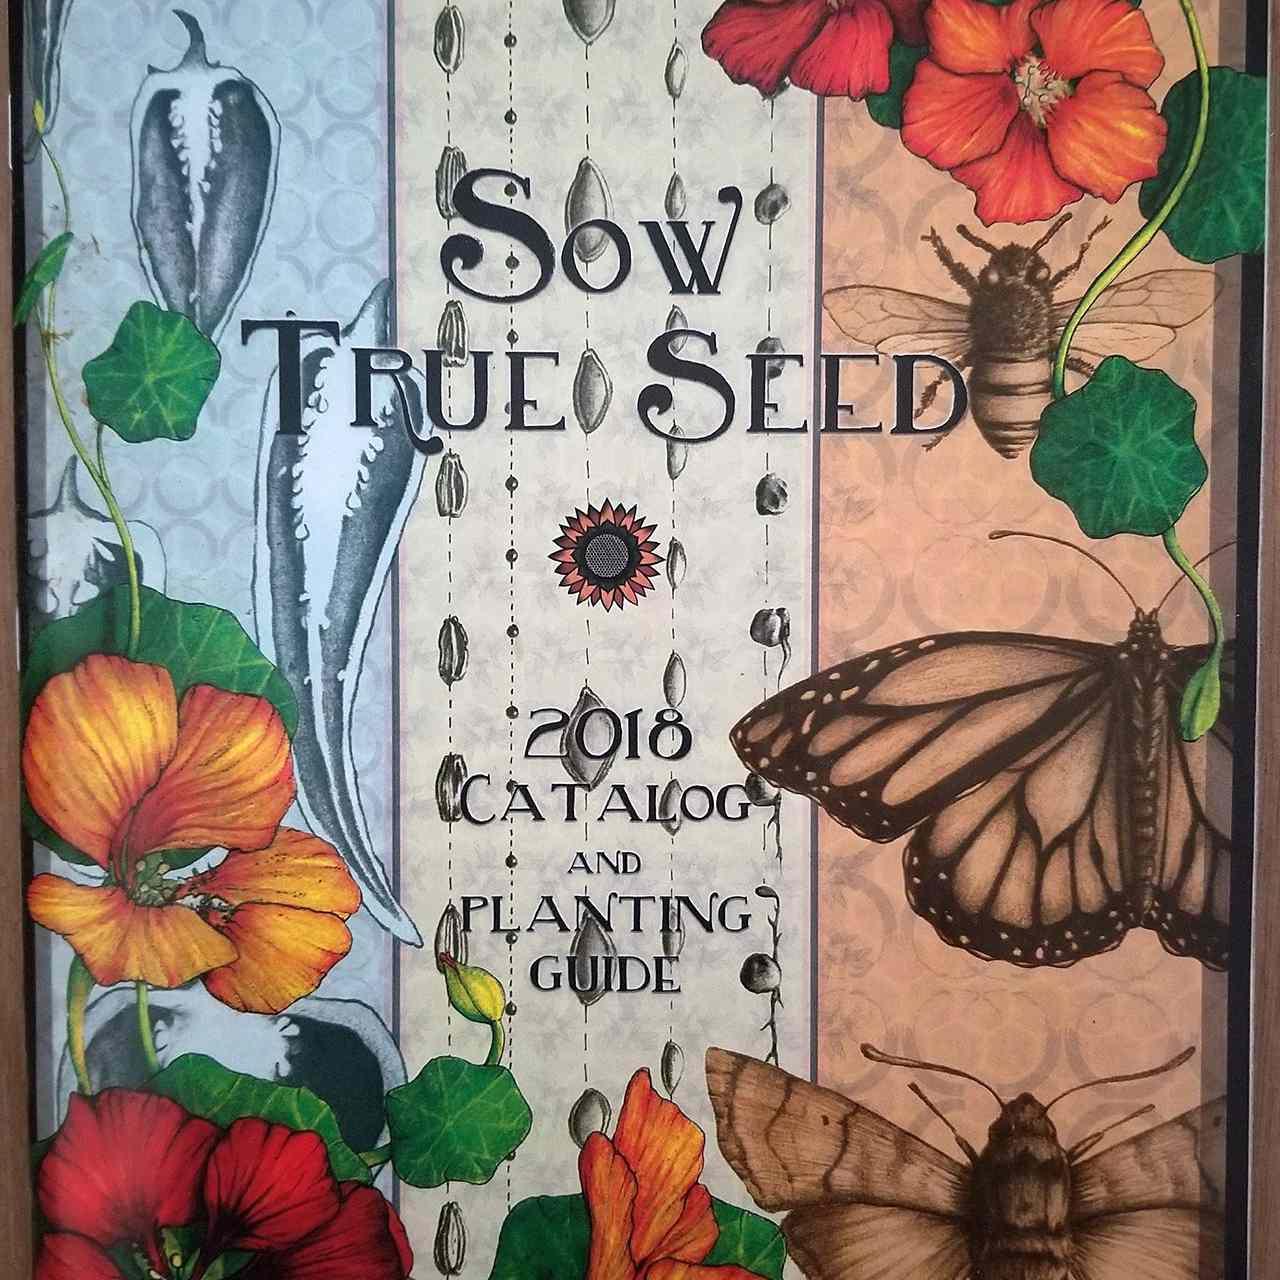 El catálogo y guía de siembra Sow True Seed 2018